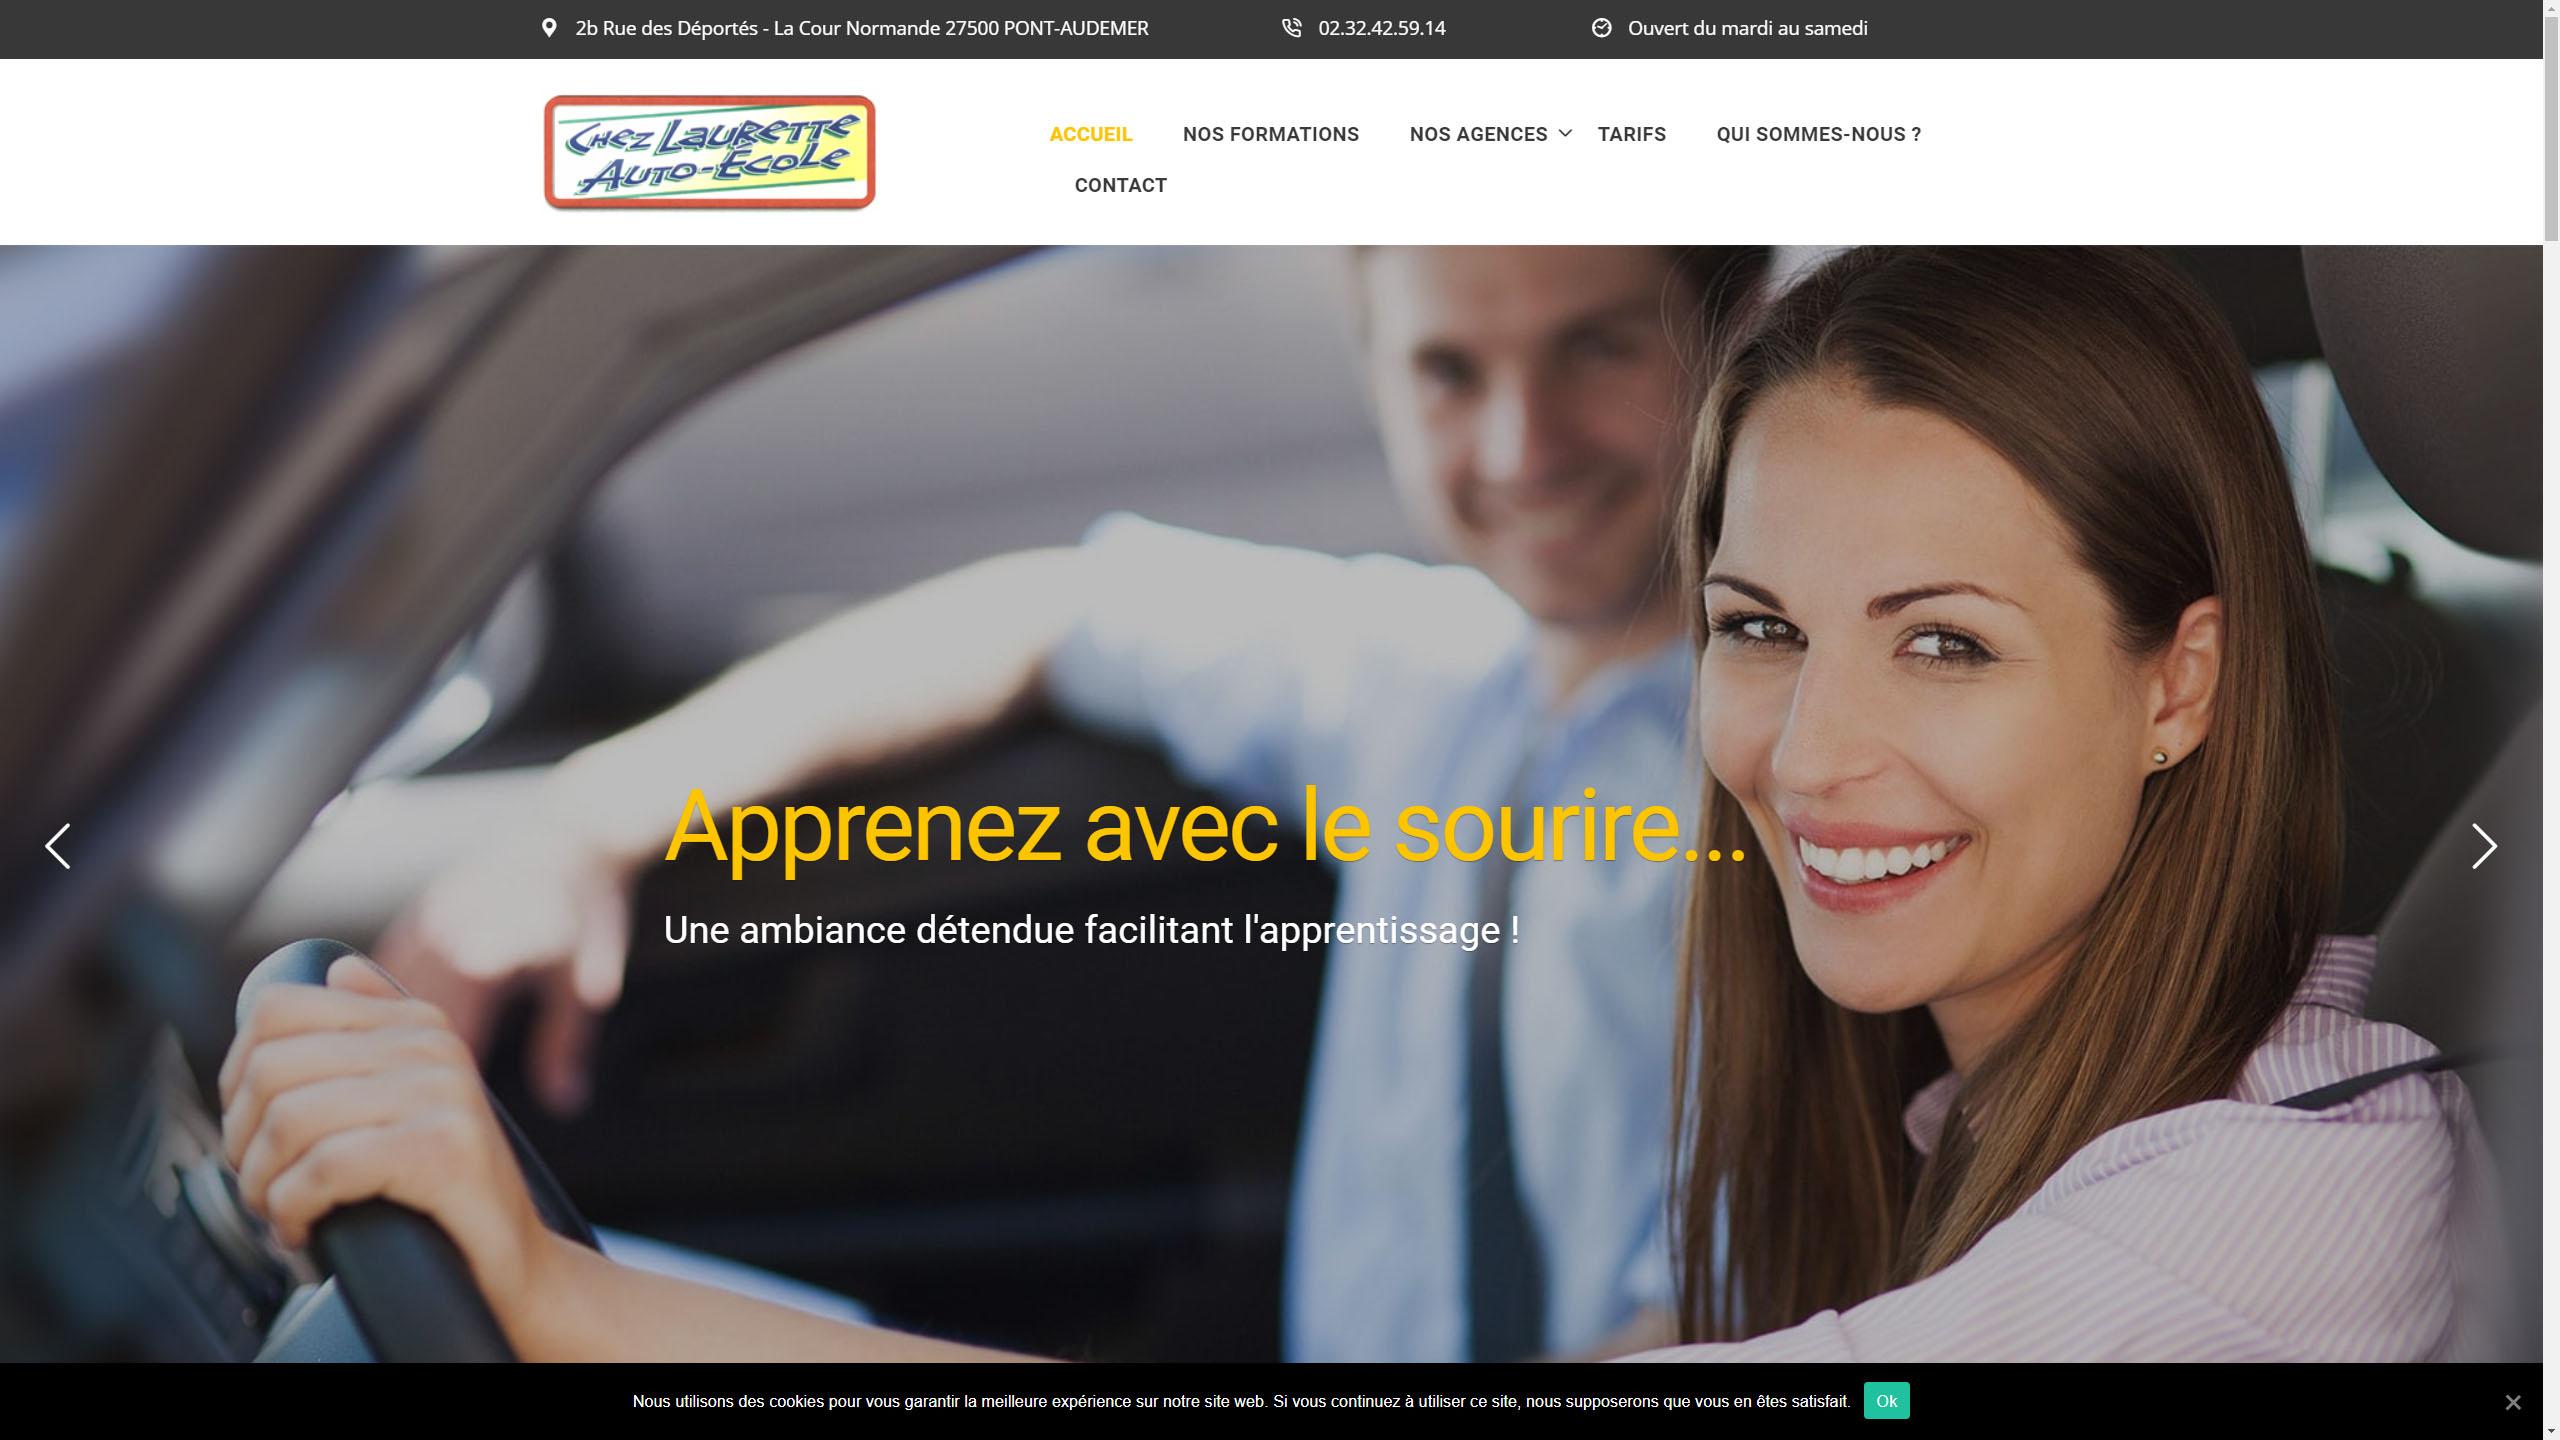 Exemple d'un site Internet professionnel avec des photos aseptisées